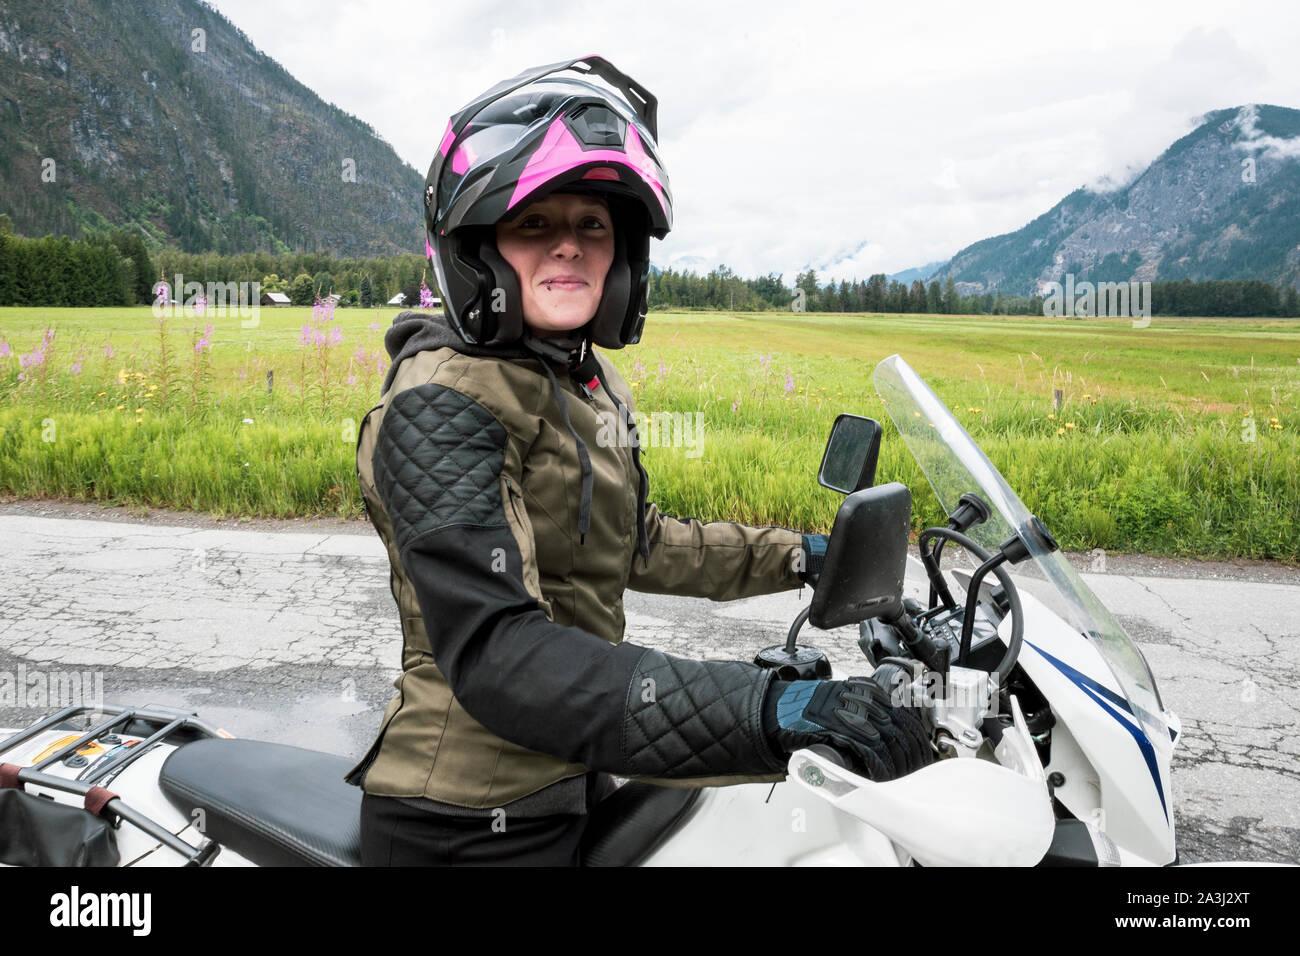 Una donna che cavalca il suo motociclo su un nuvoloso giorno d'estate. Foto Stock